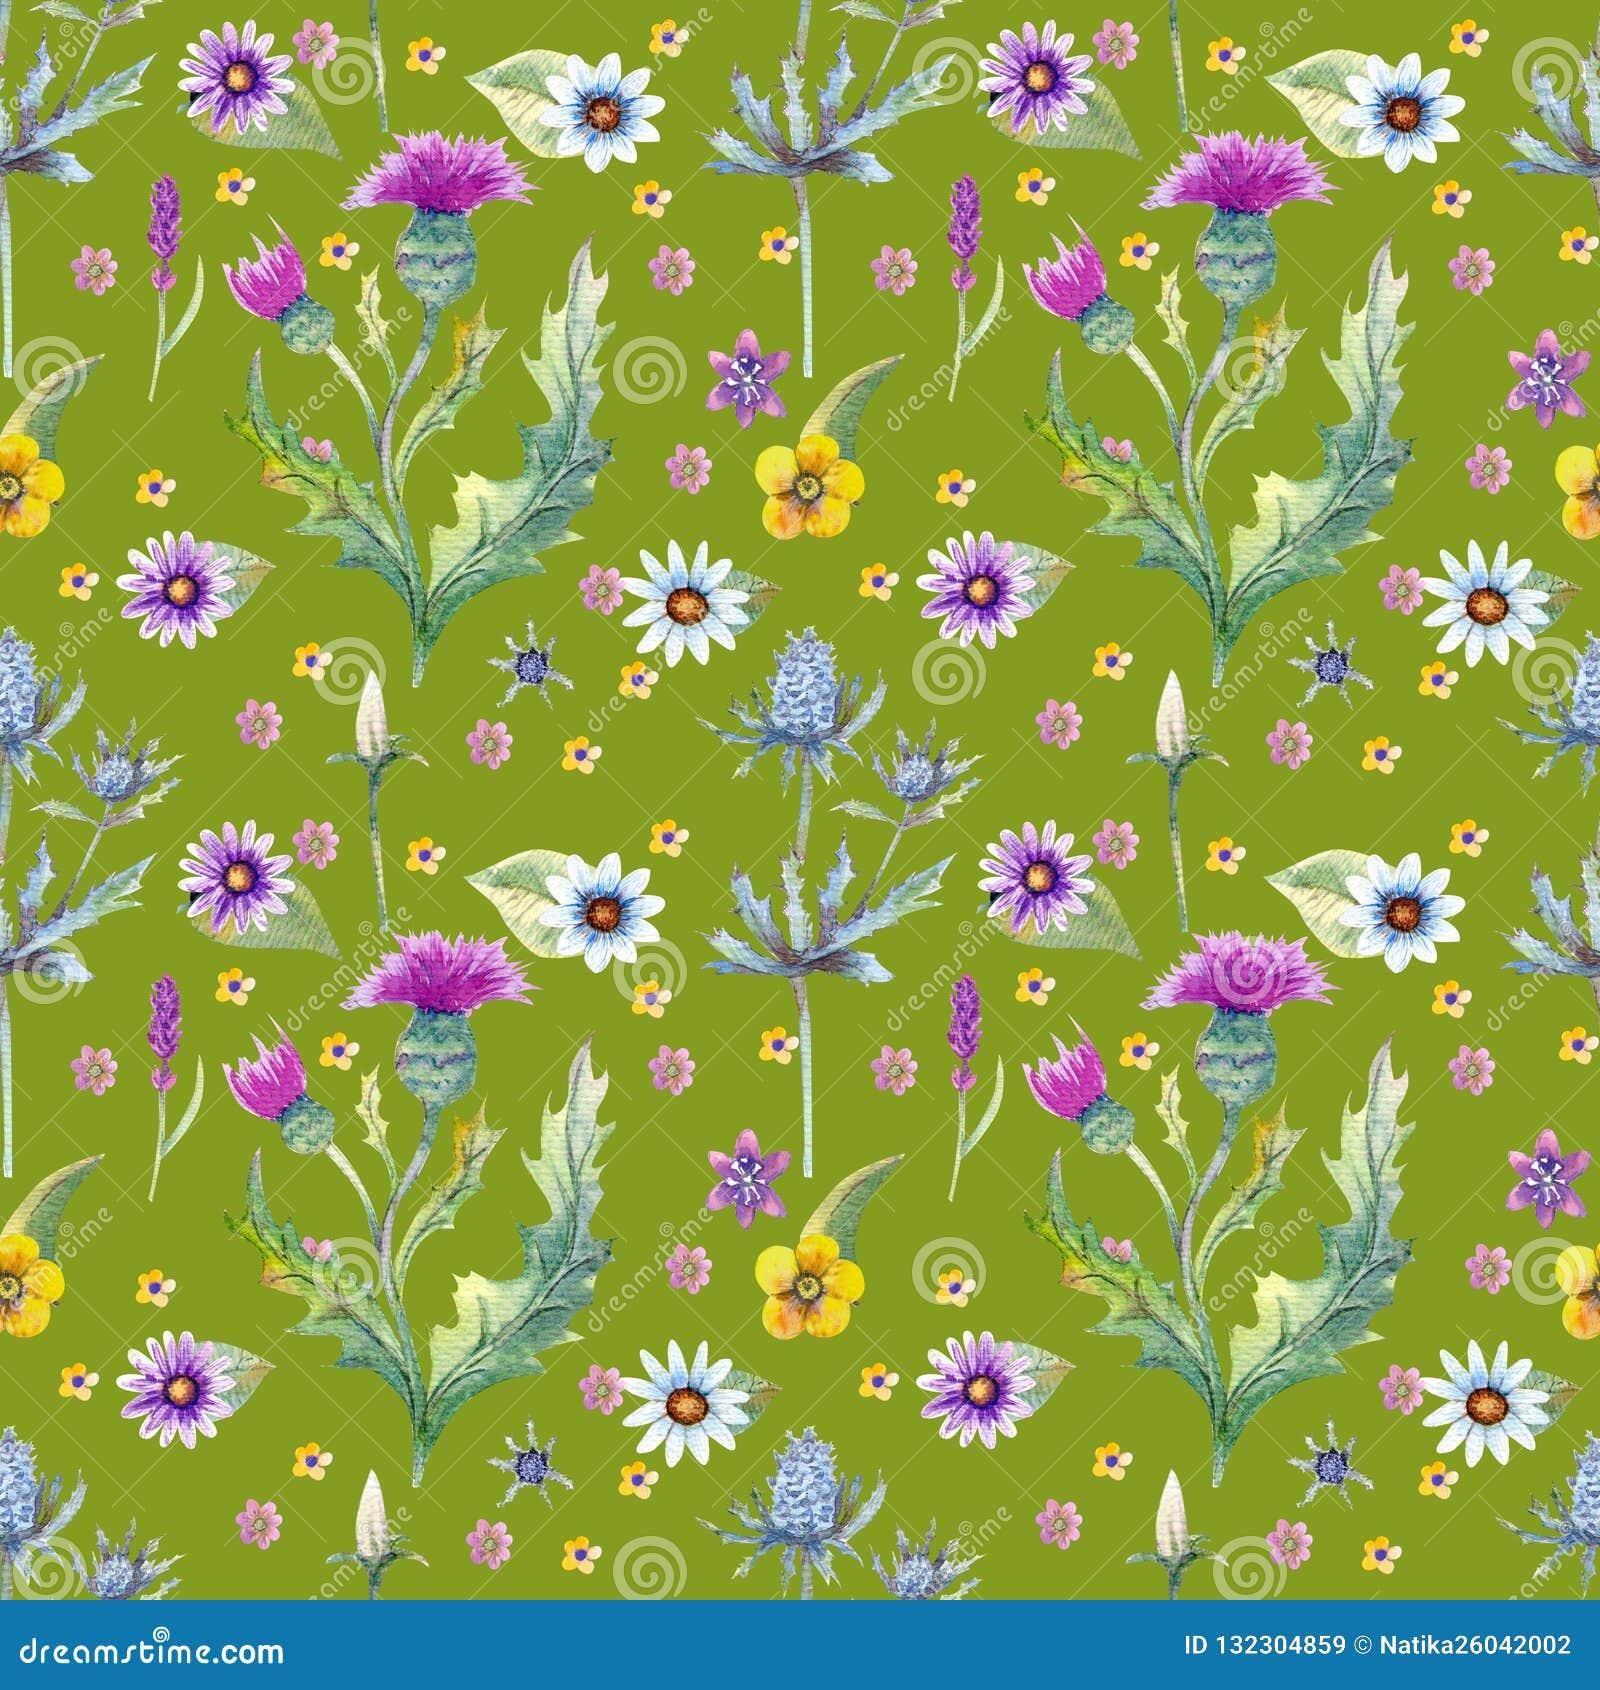 野花背景 无缝的模式 野花背景水彩